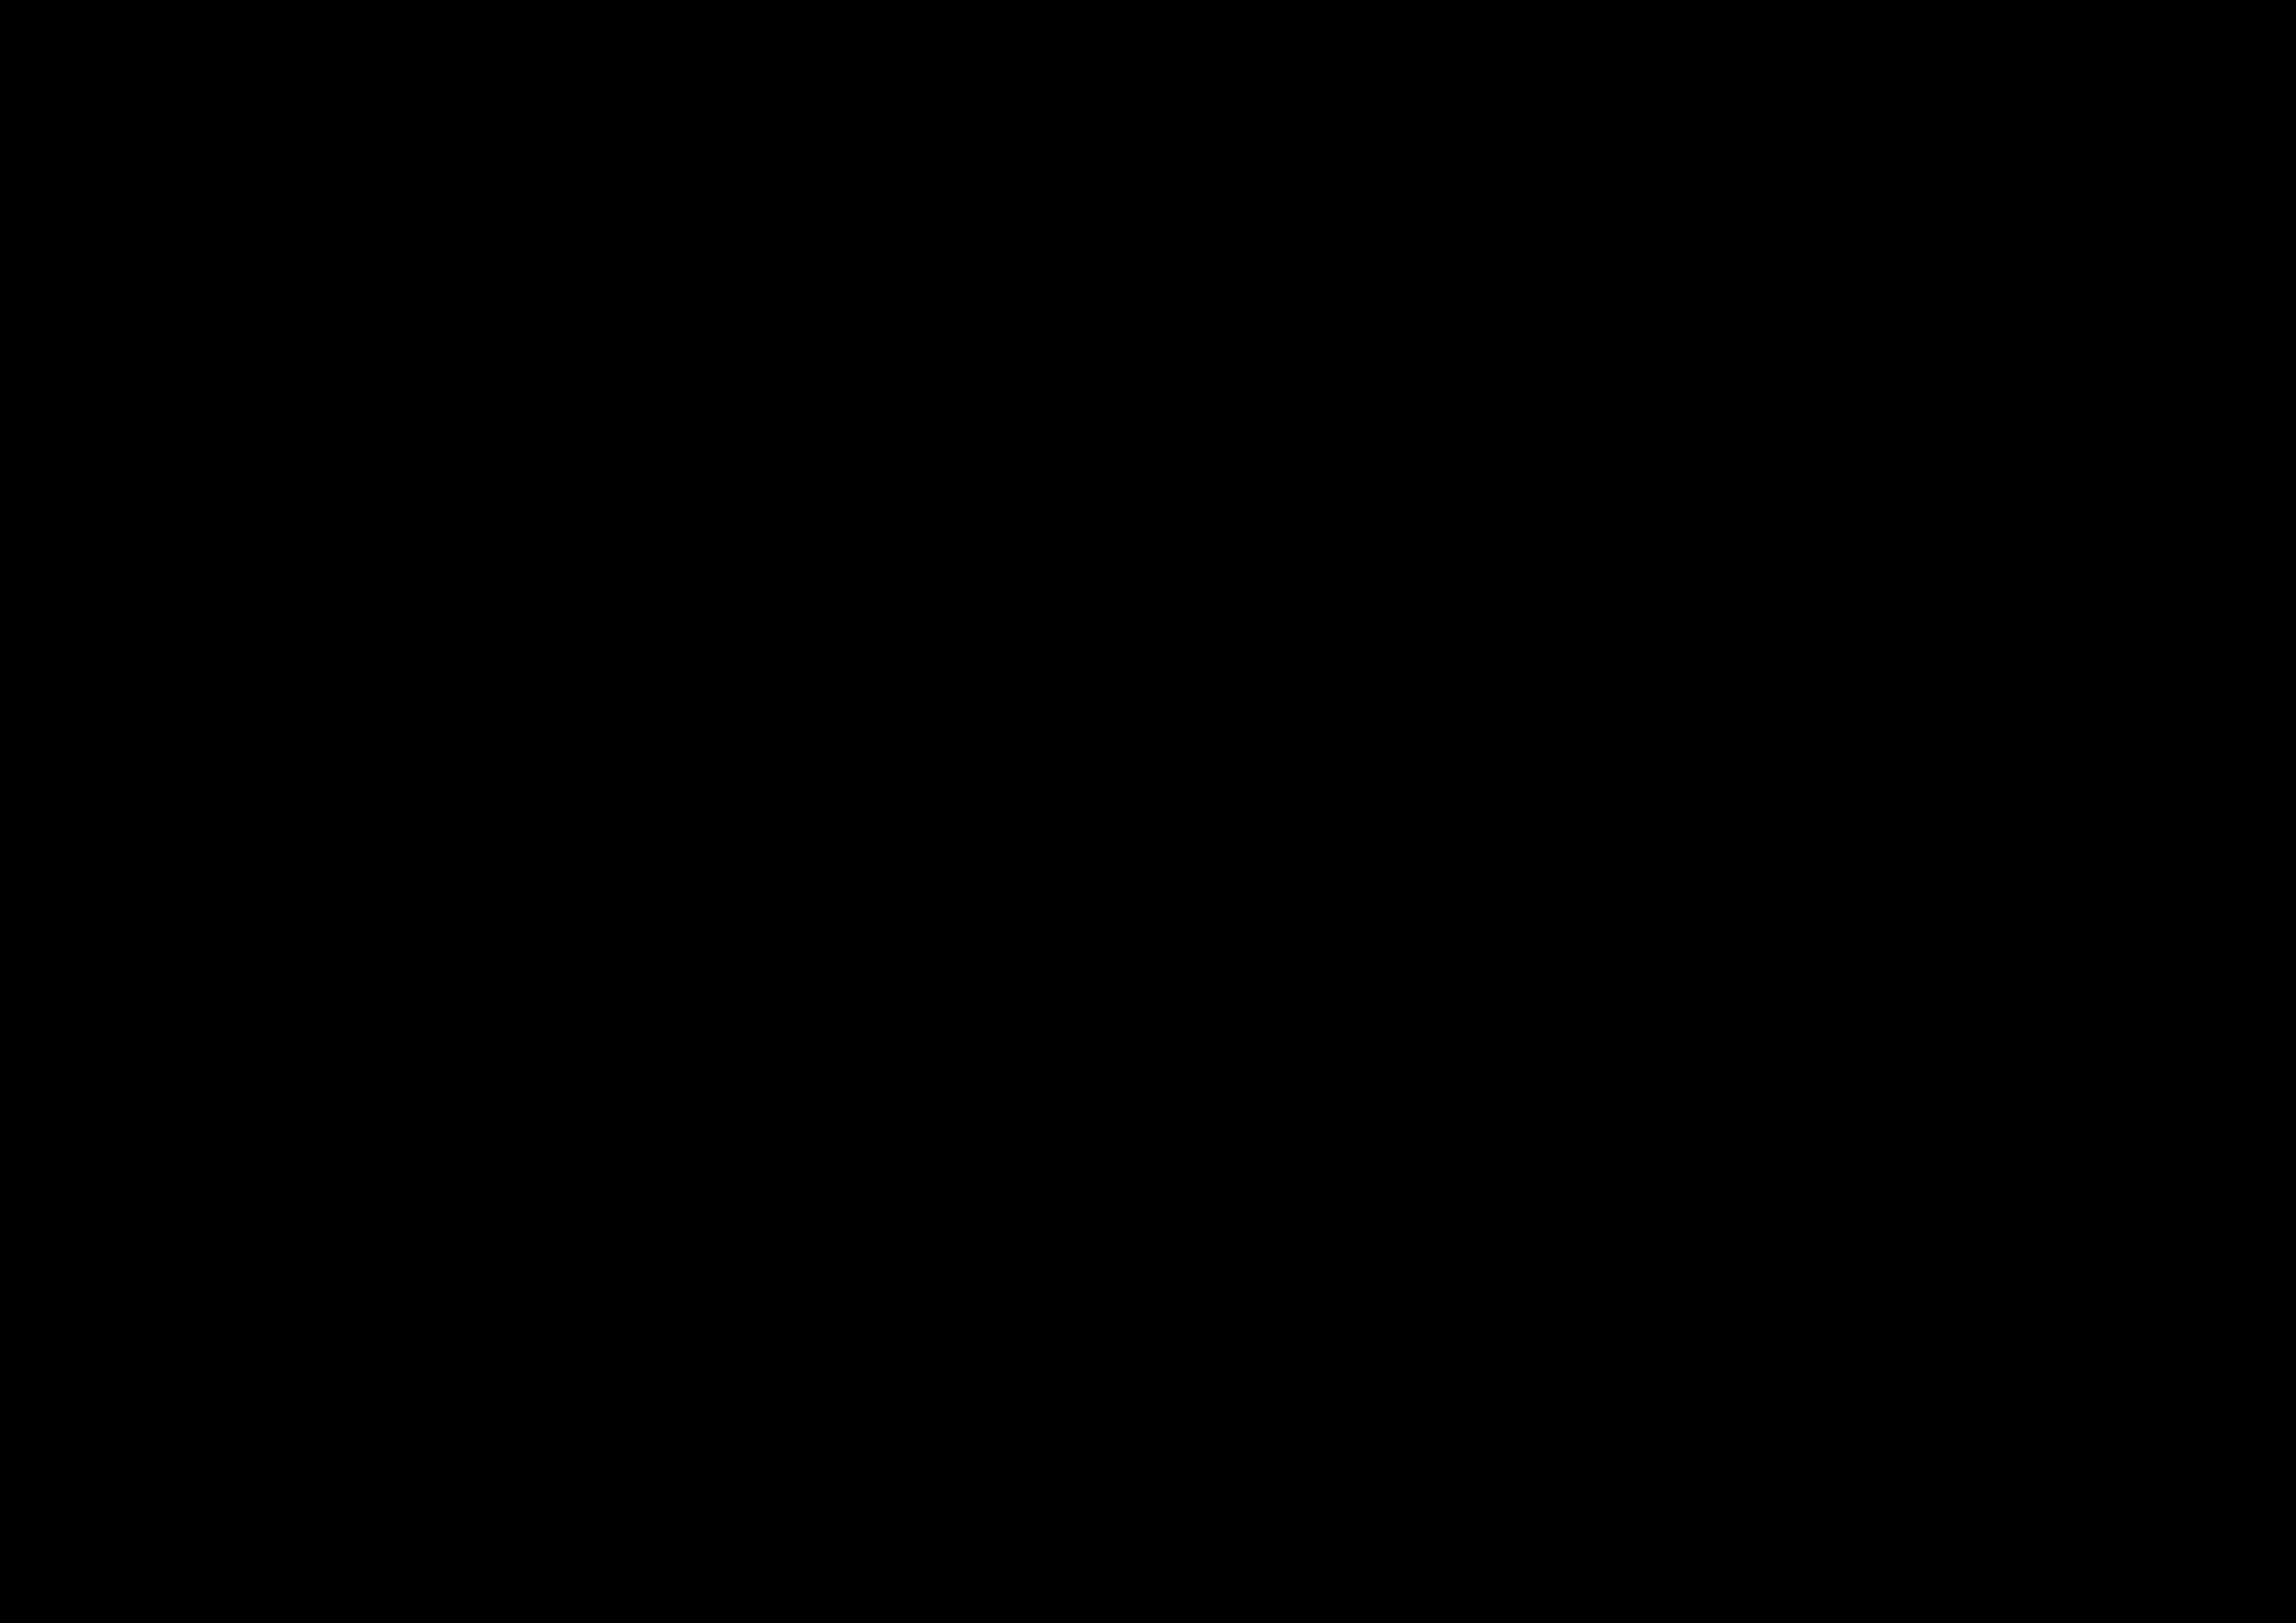 PLATO Newsletter #30